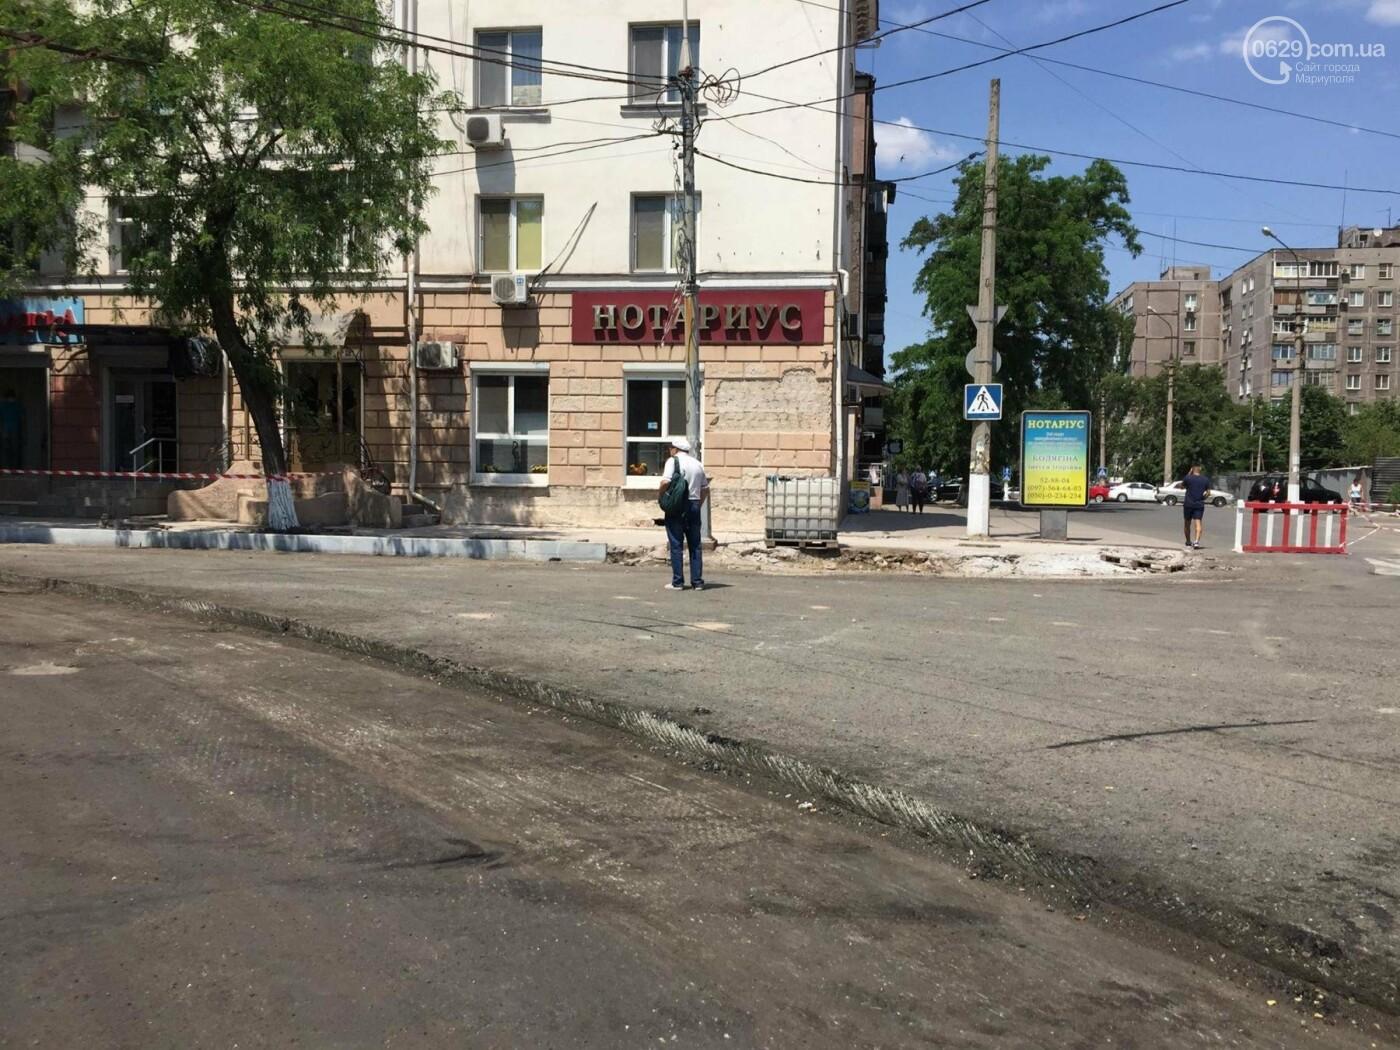 Дорога вокруг мариупольского драмтеатра будет закрыта еще минимум три недели, -ФОТО, ВИДЕО, фото-4